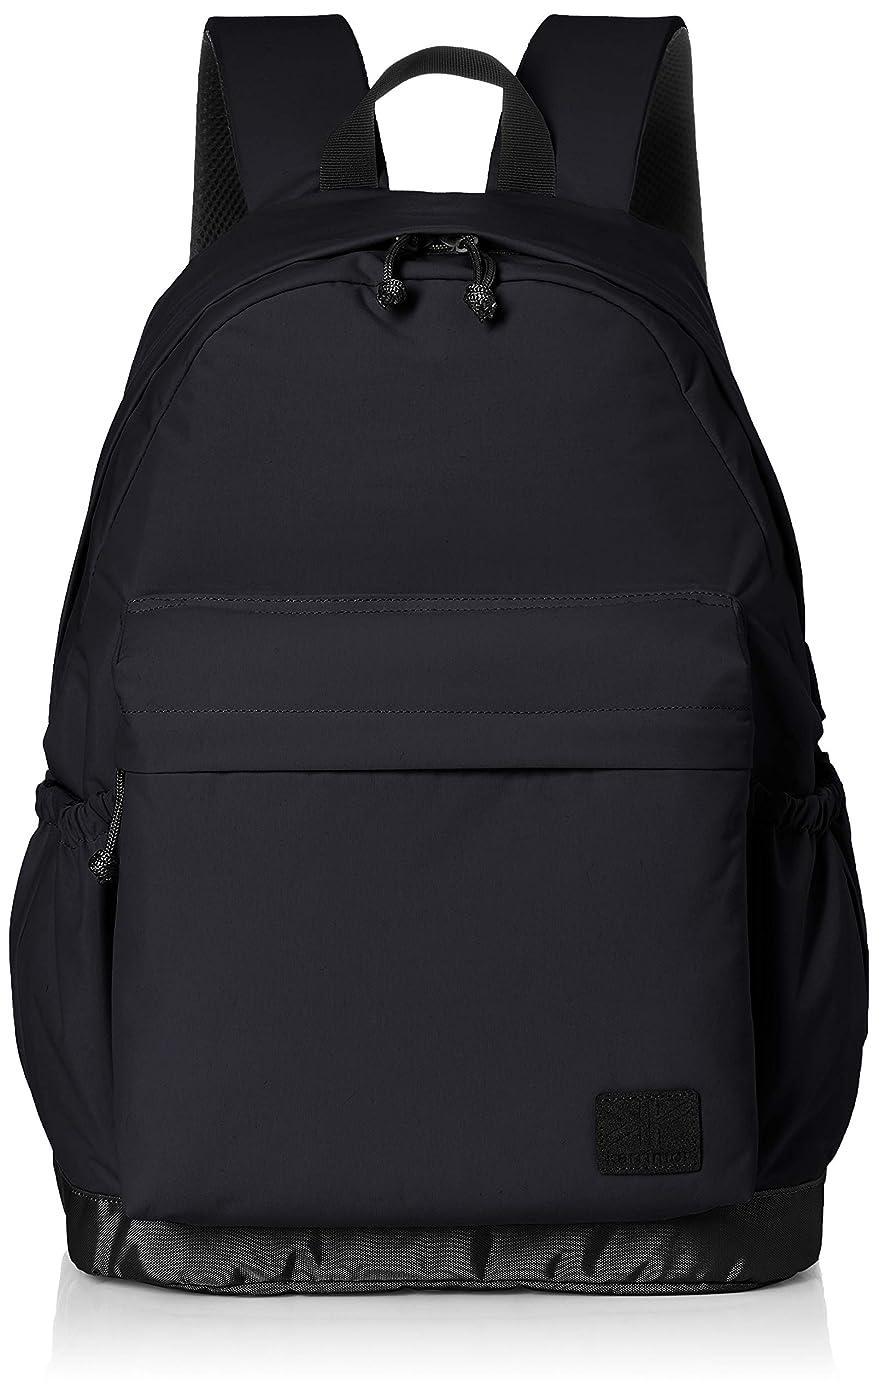 証拠置き場契約[カリマー] デイパック wiz day pack